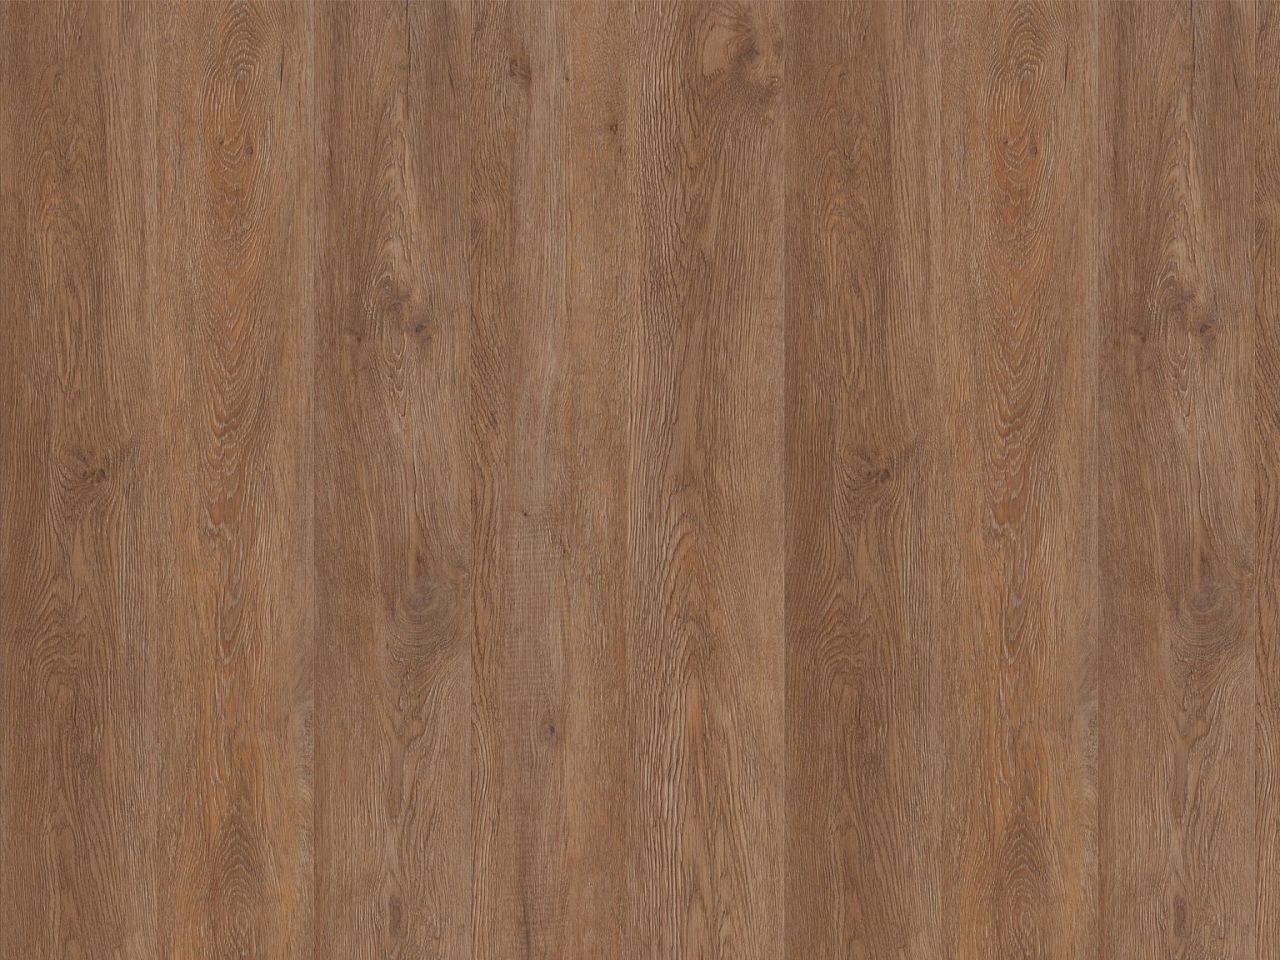 Designbelag Alesso wood – Eiche Lüttich, 324002